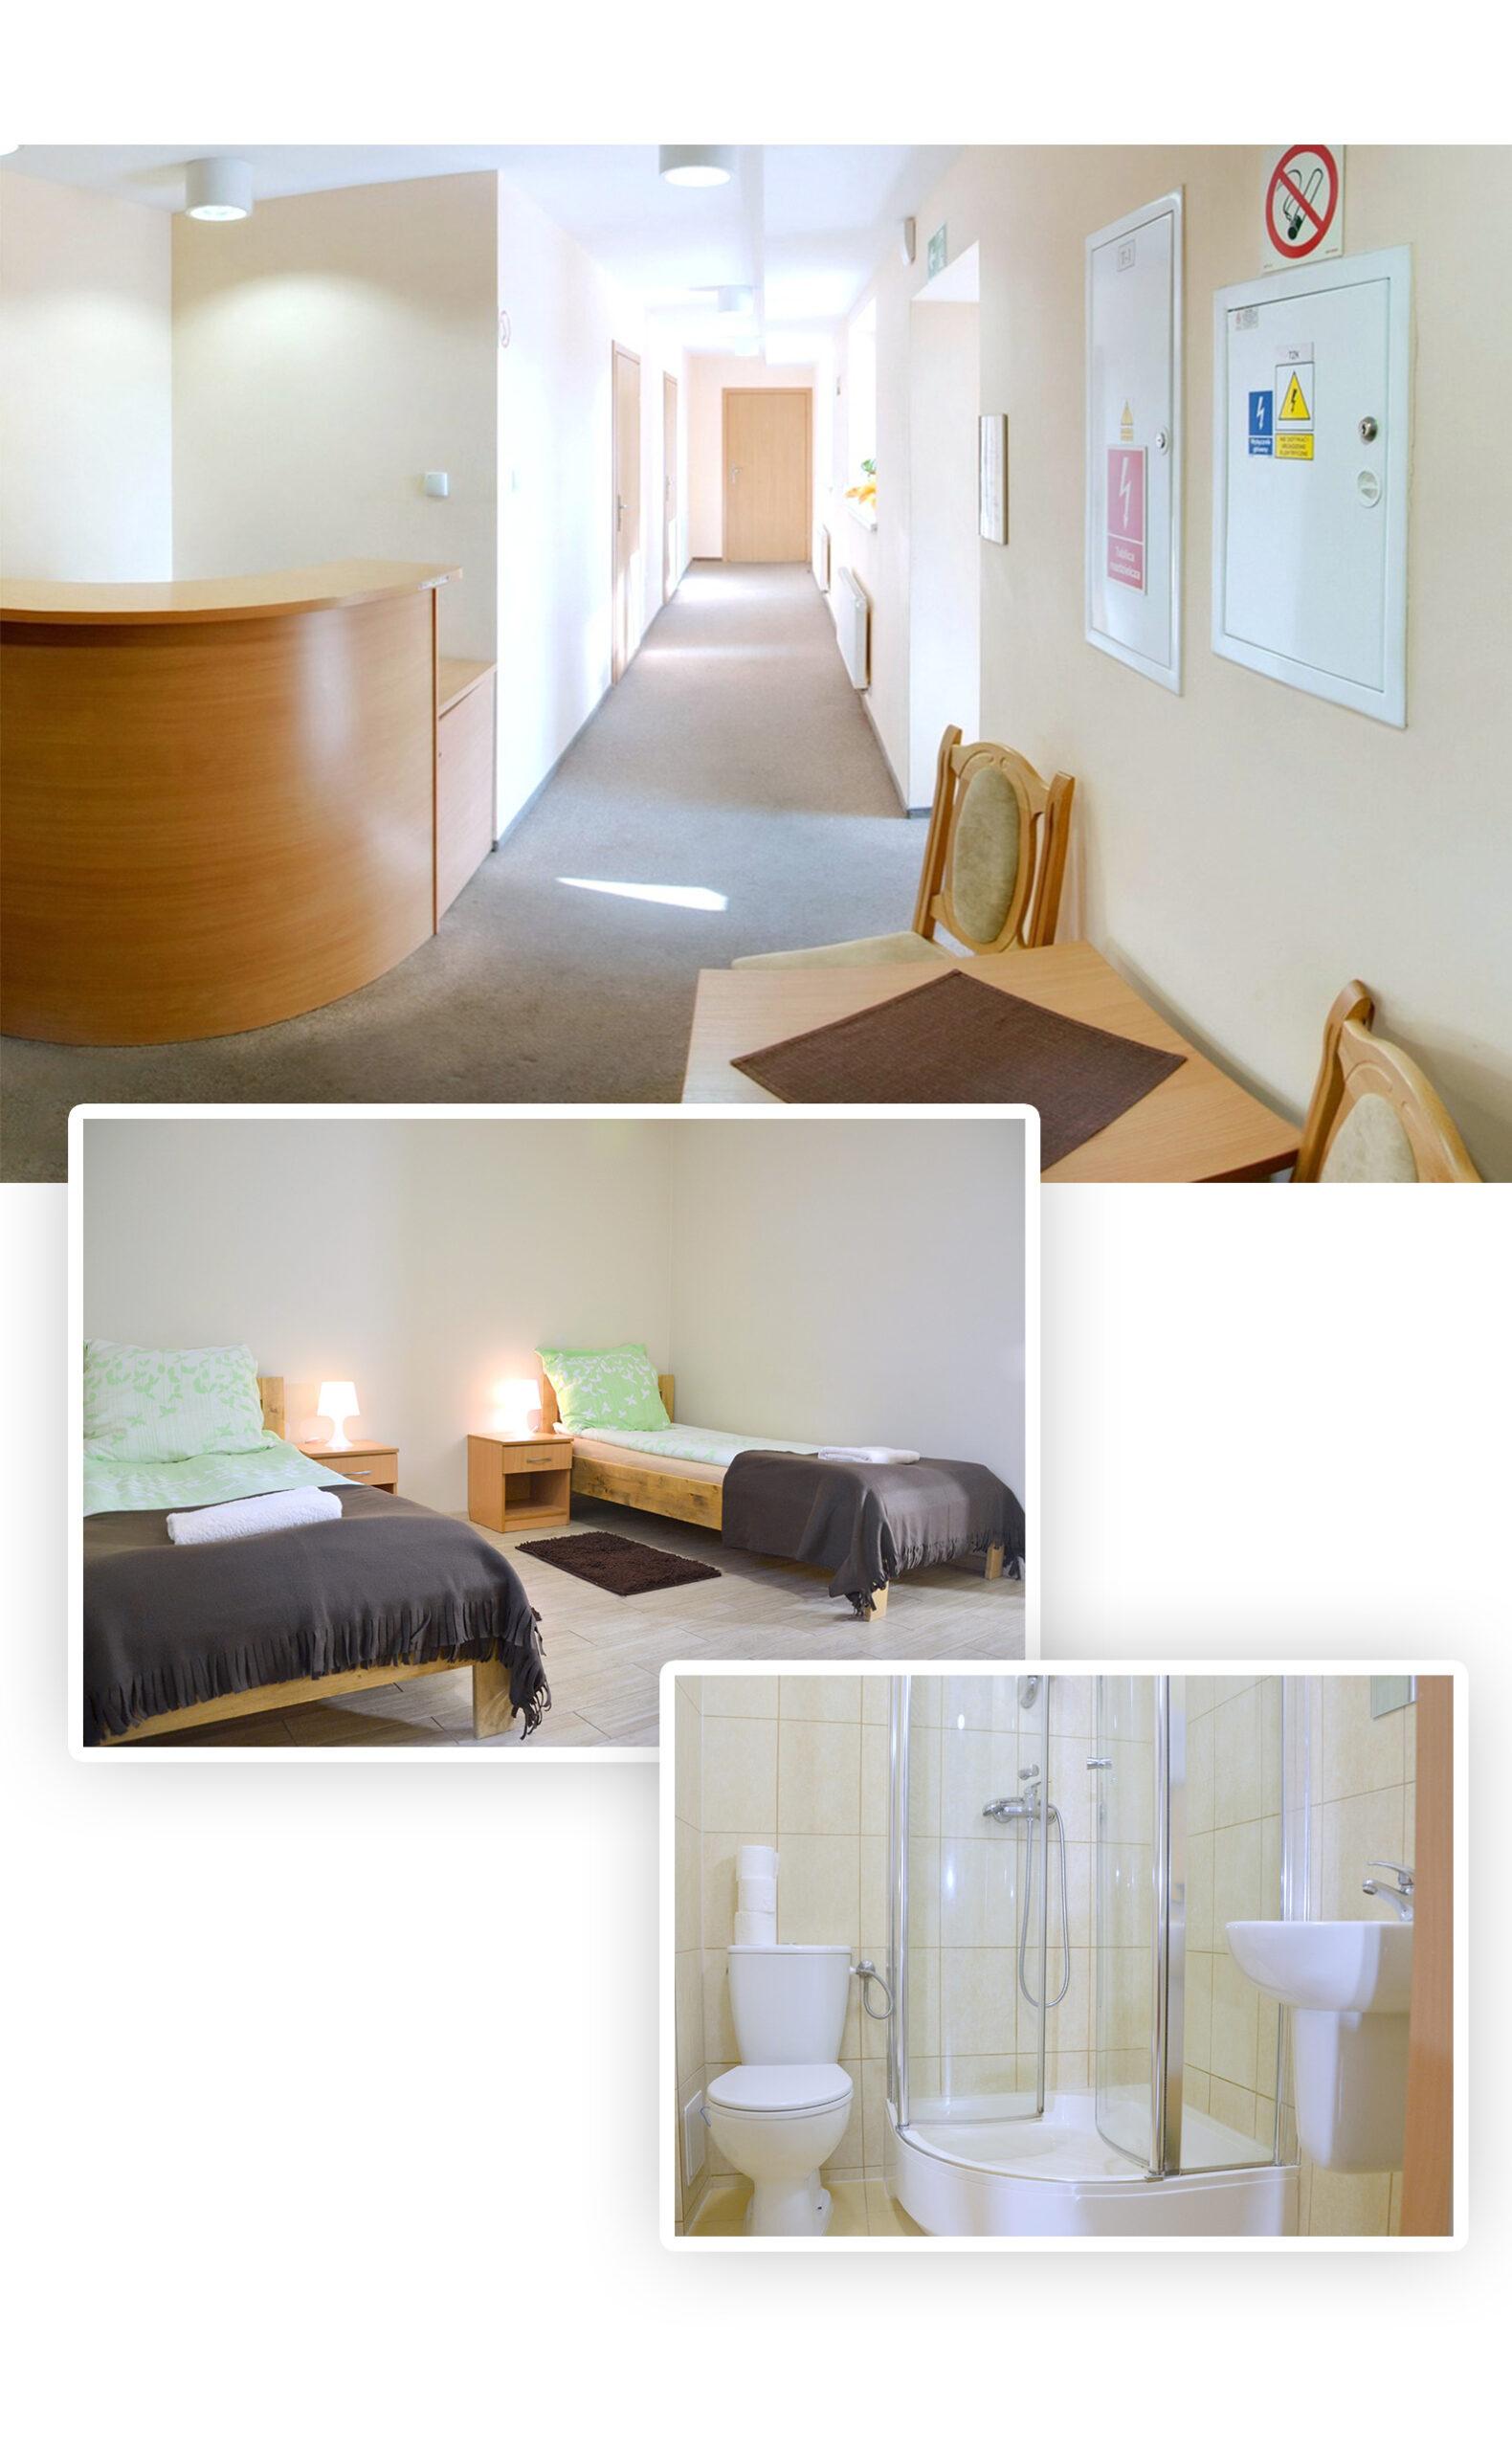 Hol w hostelu, pokój oraz łazienka